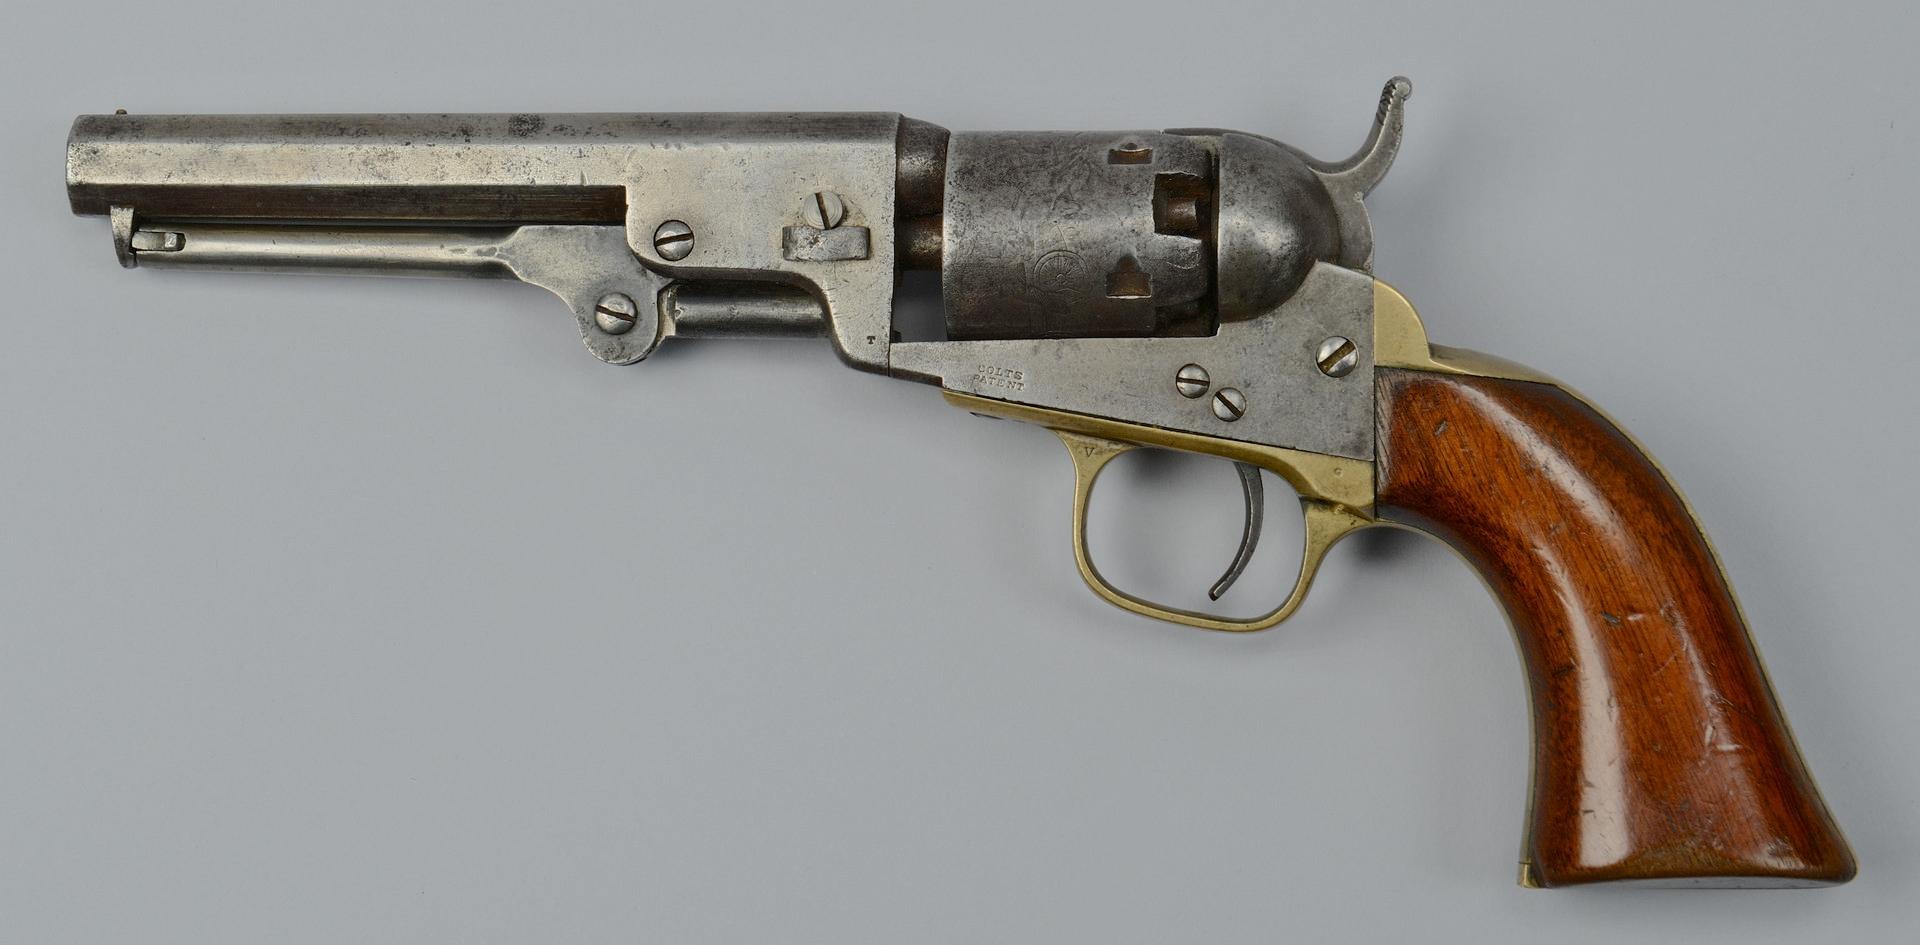 Lot 116: Colt Model 1849 Pocket Revolver, 1860